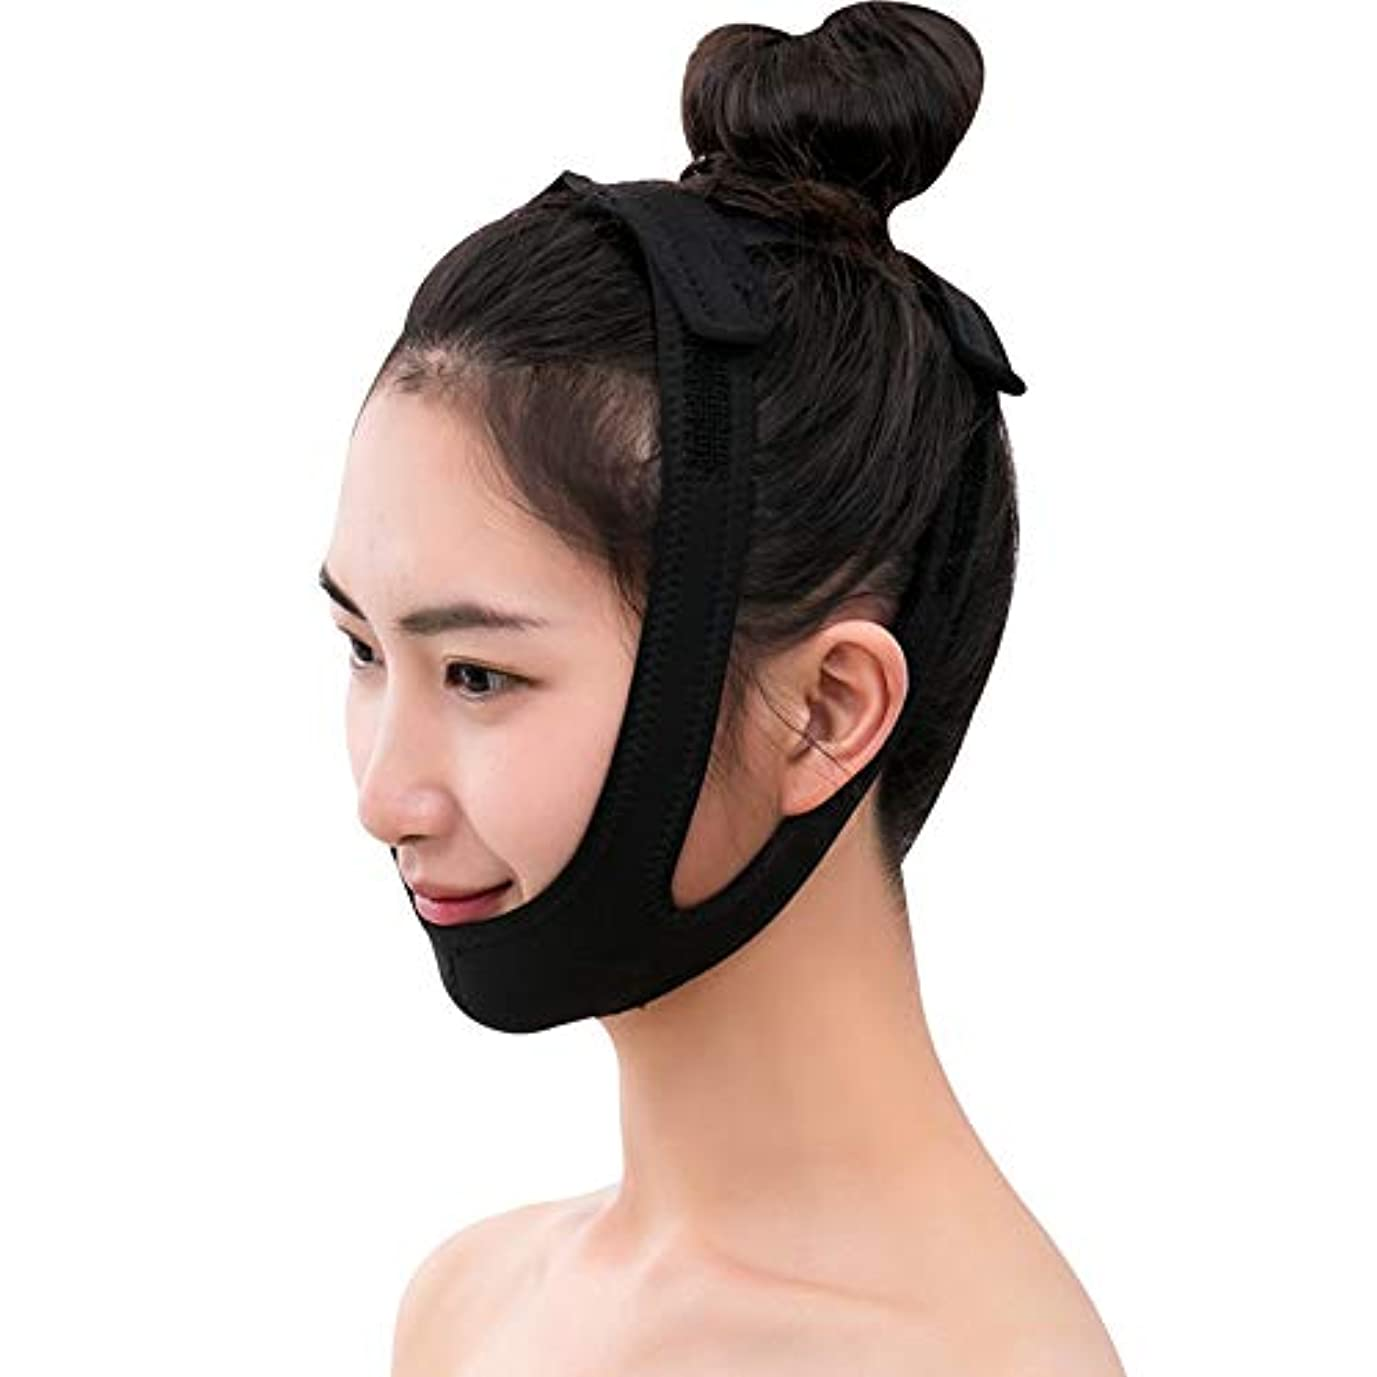 バタフライ手伝う宿命薄いフェイスバンド - 薄い顔の包帯ビューティーインストゥルメントフェイシャルリフト睡眠マスク法Vフェイスマスクの通気性を作る 美しさ